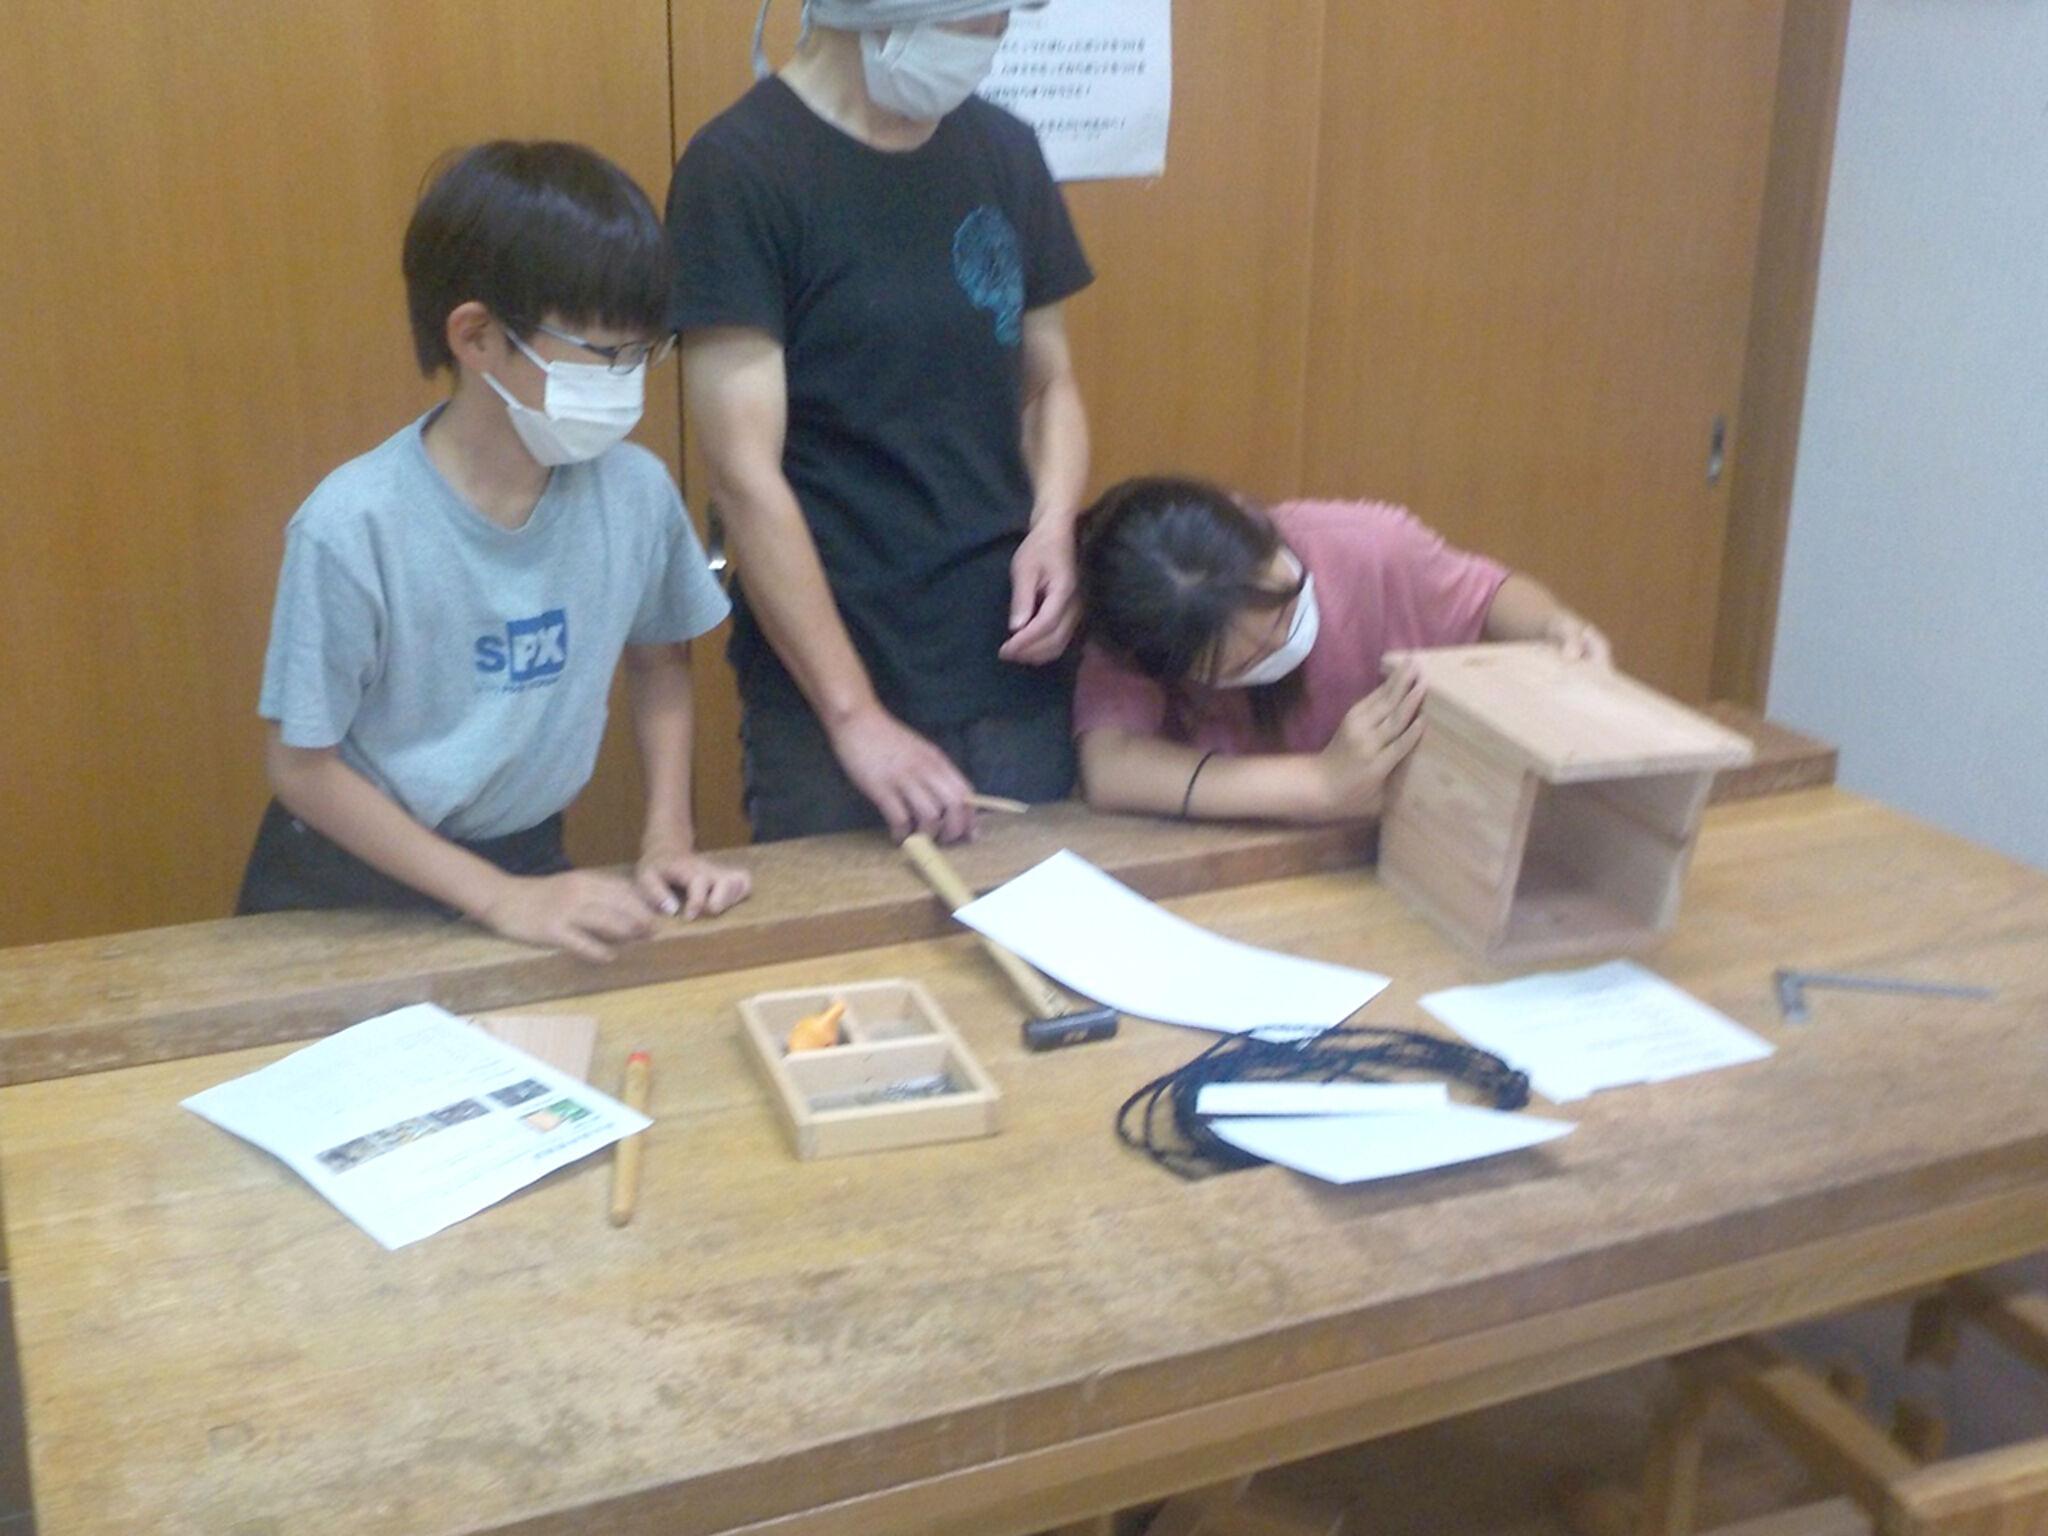 木工教室で作業をしている子どもたちの画像